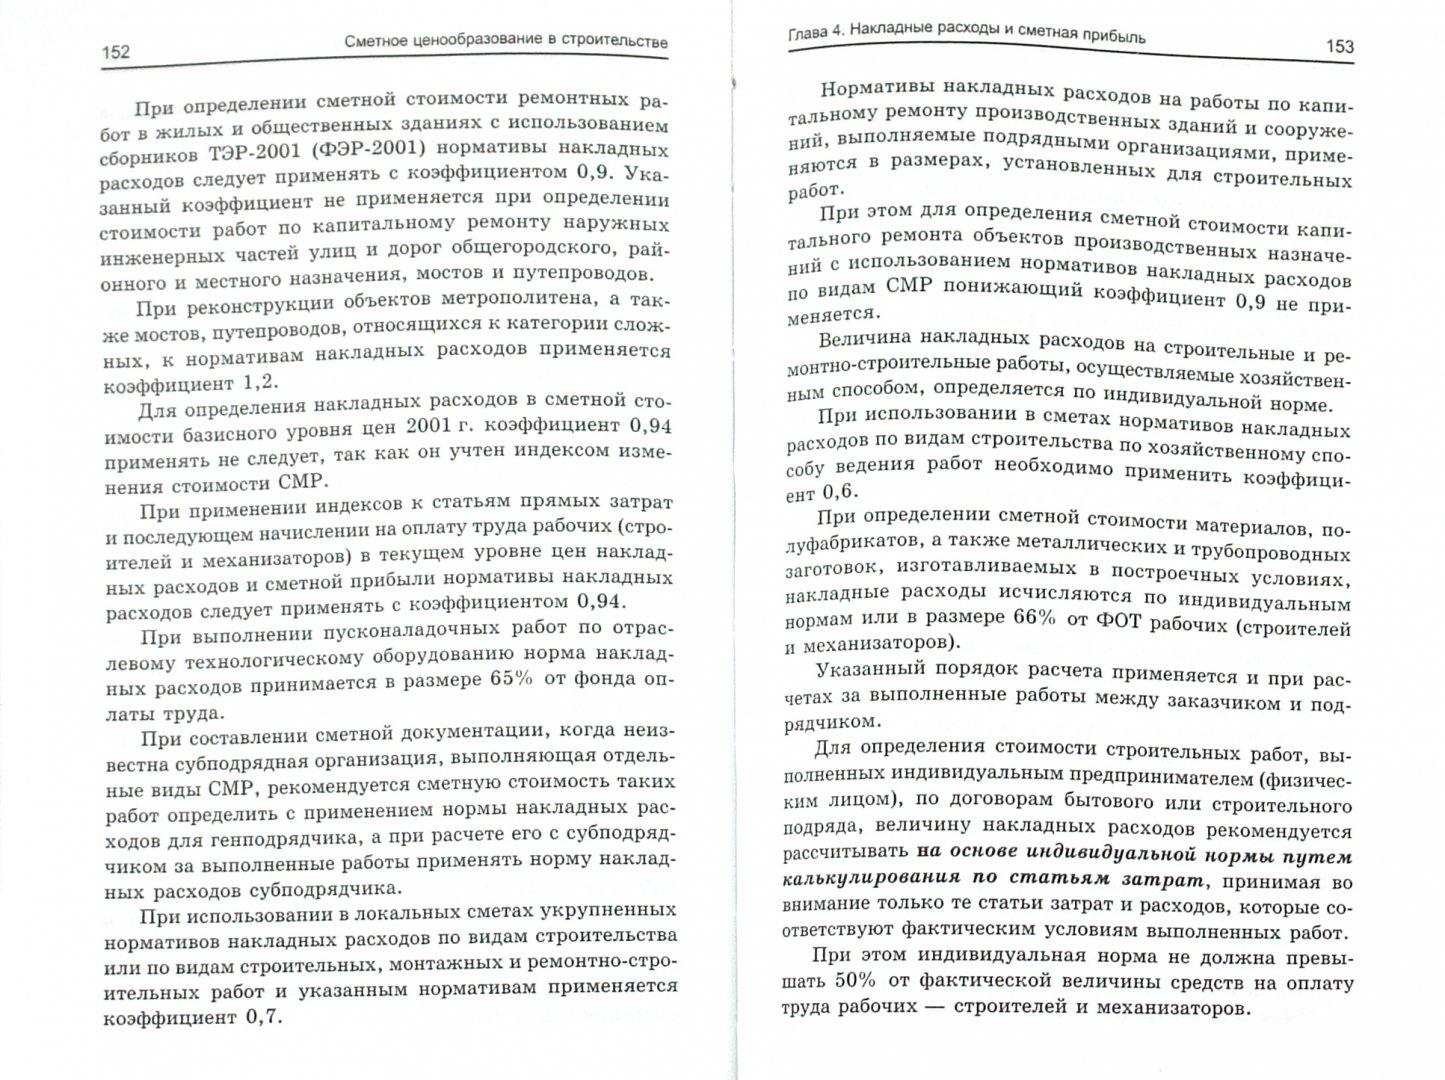 Иллюстрация 1 из 10 для Сметное ценообразование в строительстве - В. Ильин | Лабиринт - книги. Источник: Лабиринт